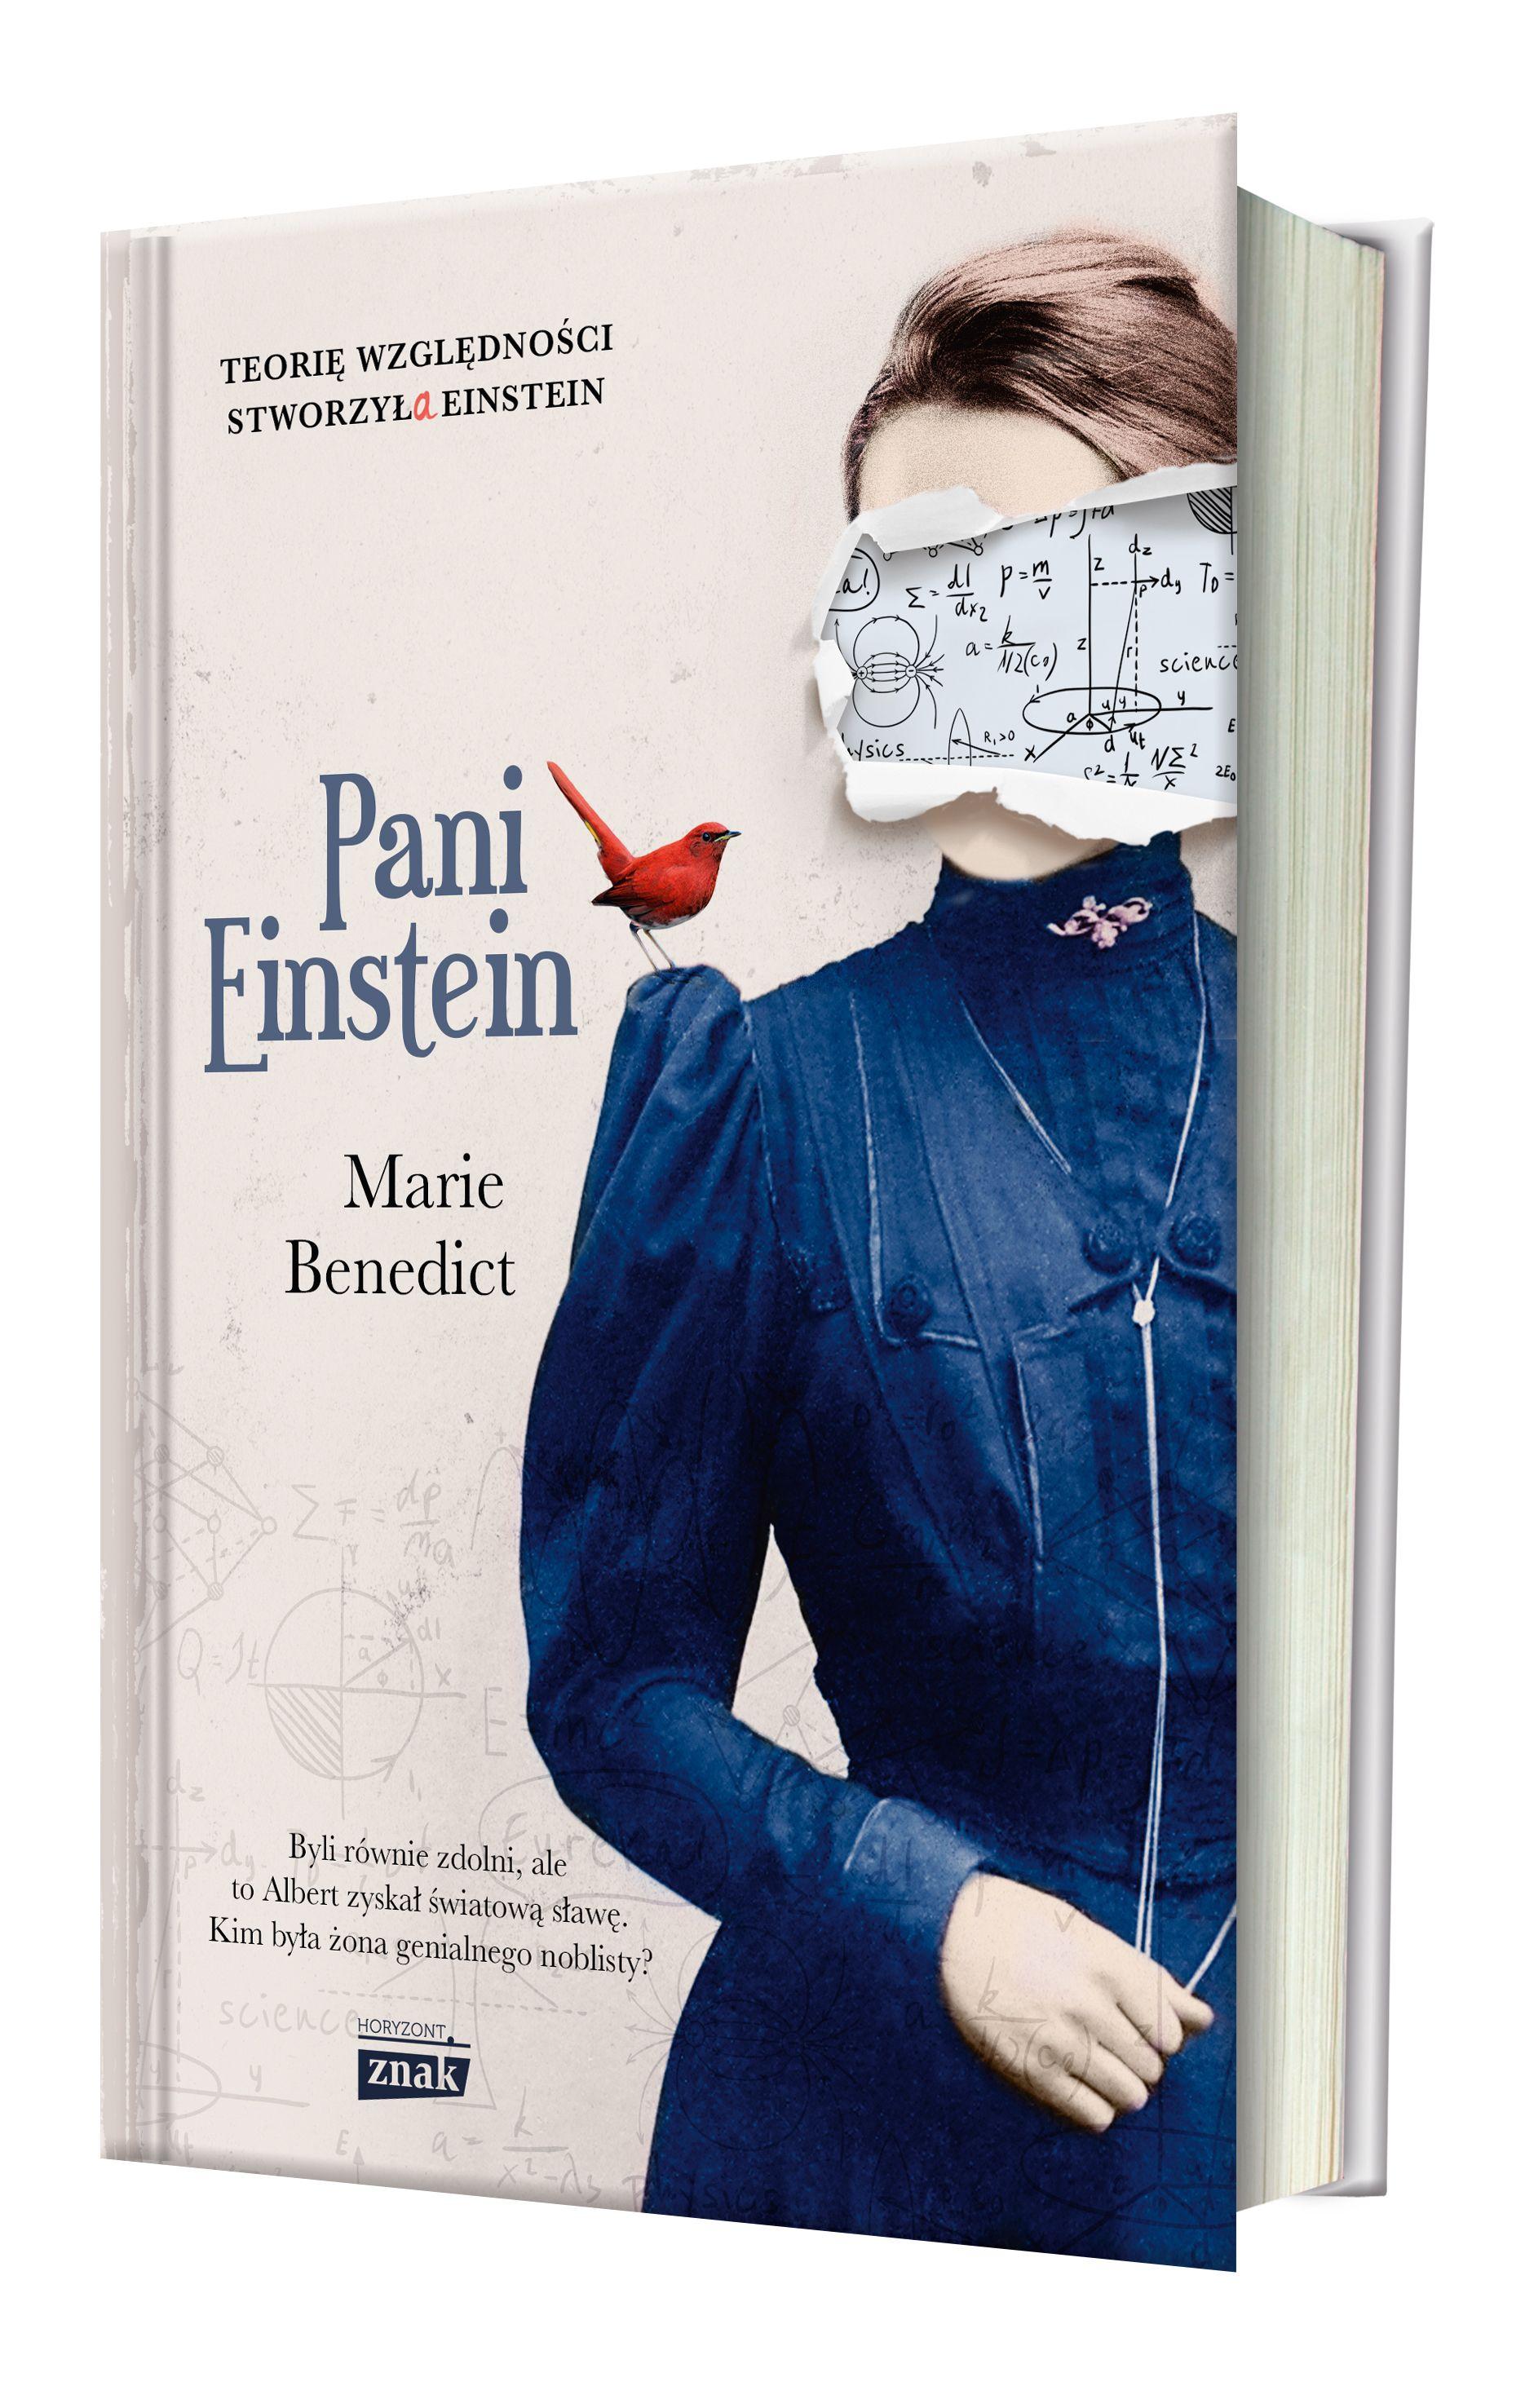 """Inspiracją do napisania artykułu stanowiła książka Marie Benedict zatytułowana """"Pani Einstein"""" (Znak Horyzont 2017)."""